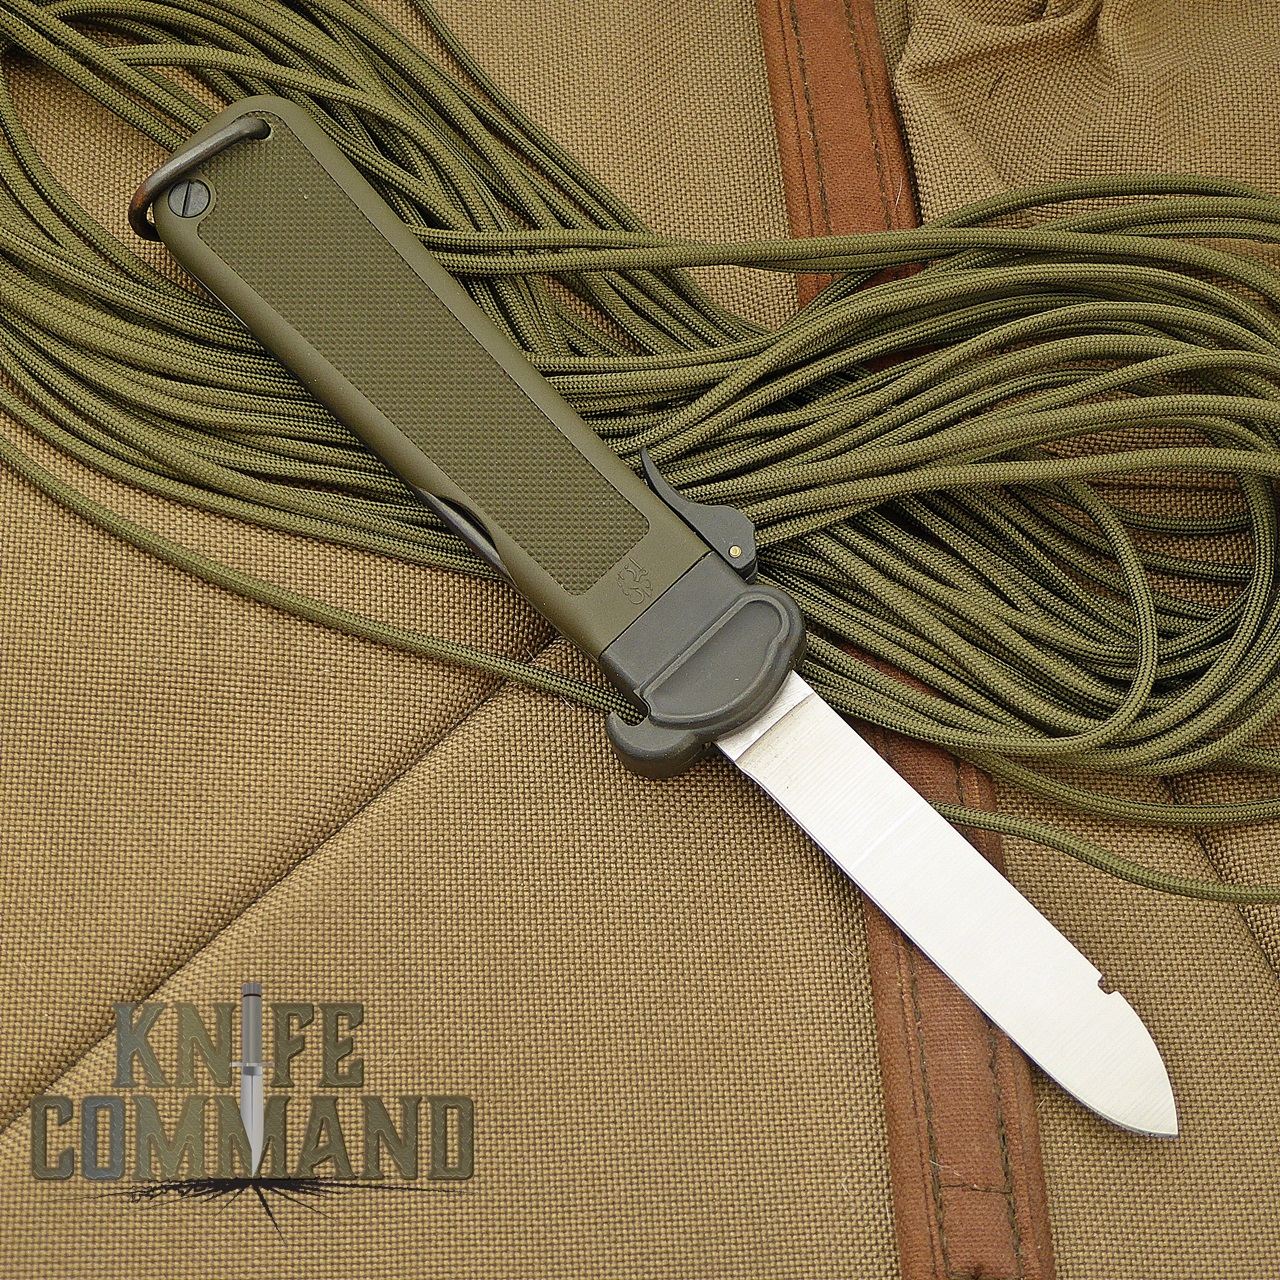 Eickhorn Solingen LL100 Paratrooper Knife.   Genuine Solingen knife.